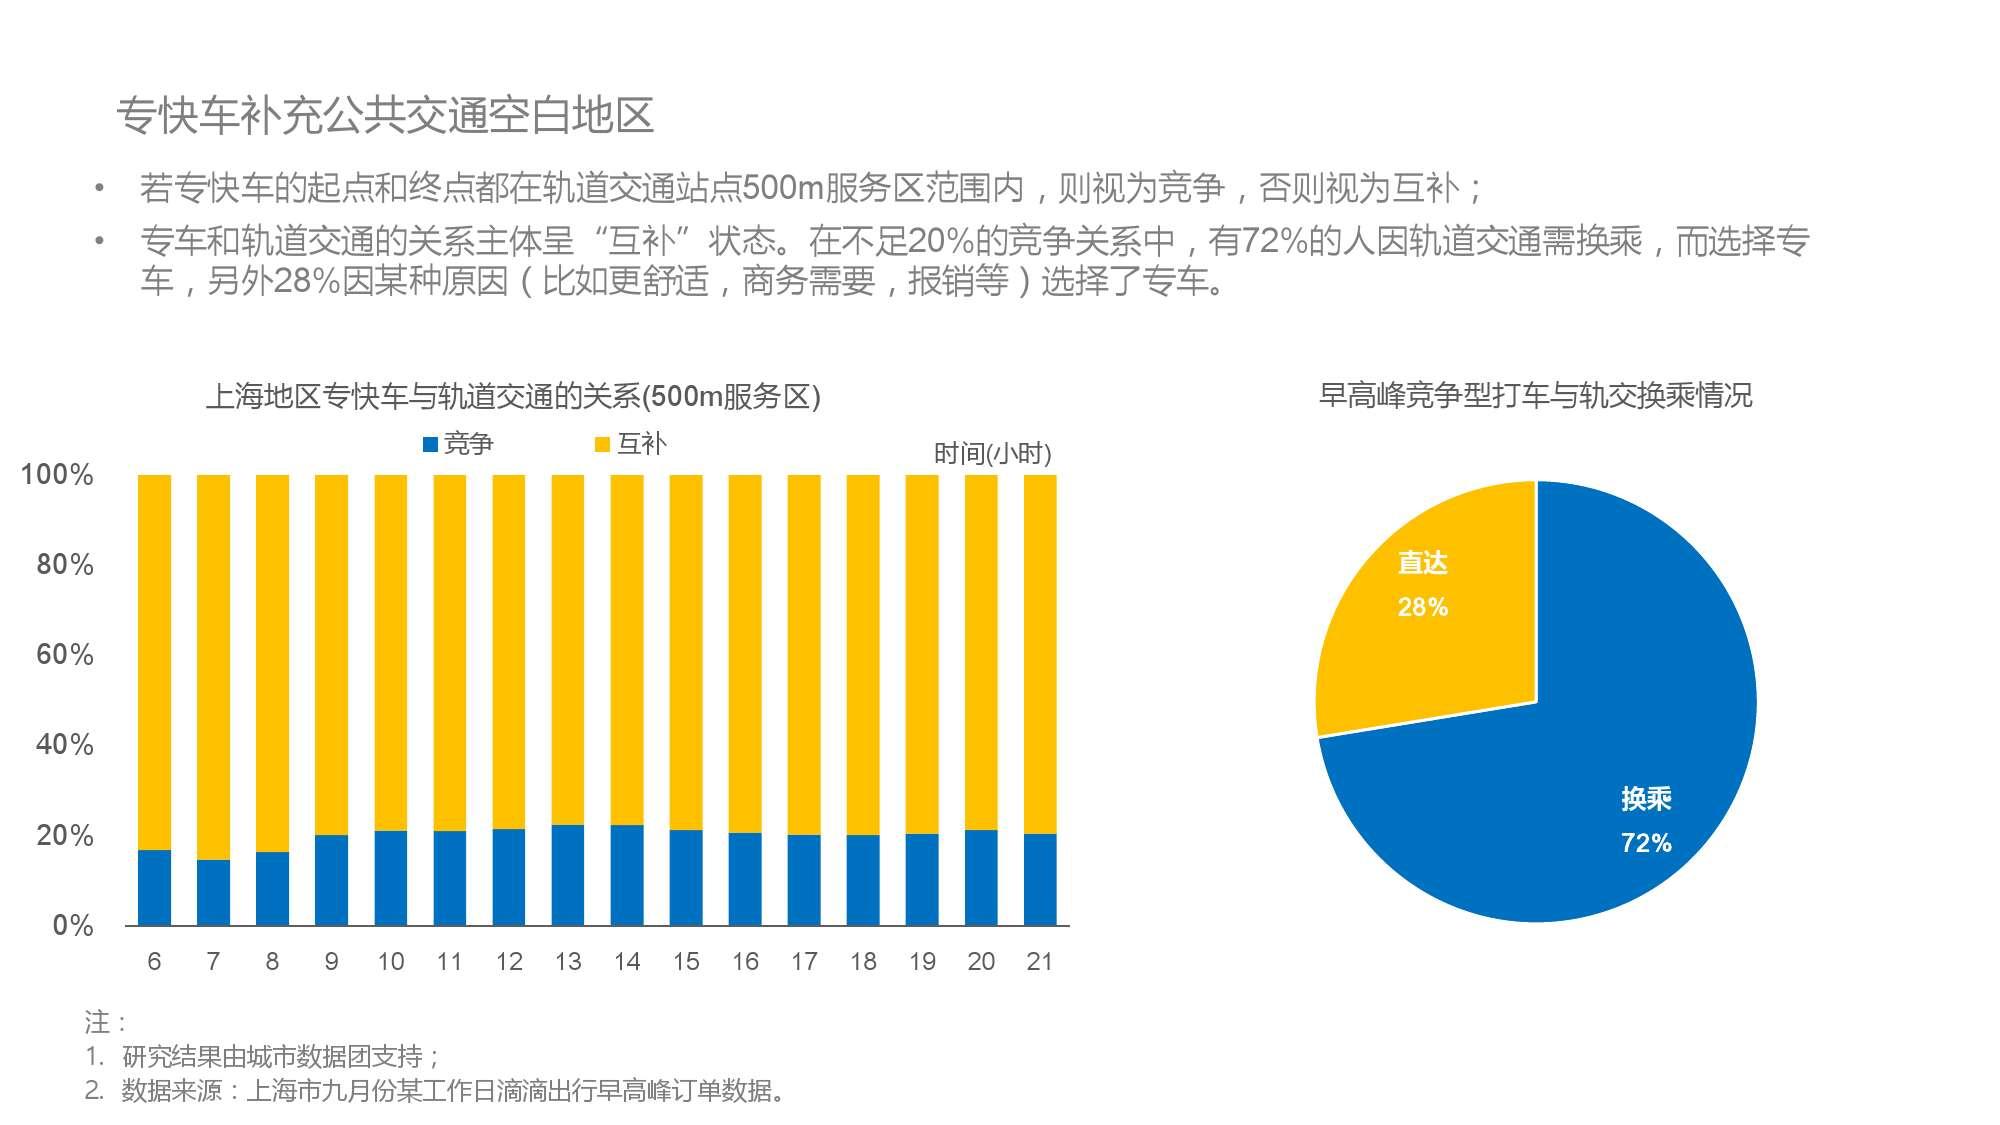 中国智能出行2015大数据报告_000034